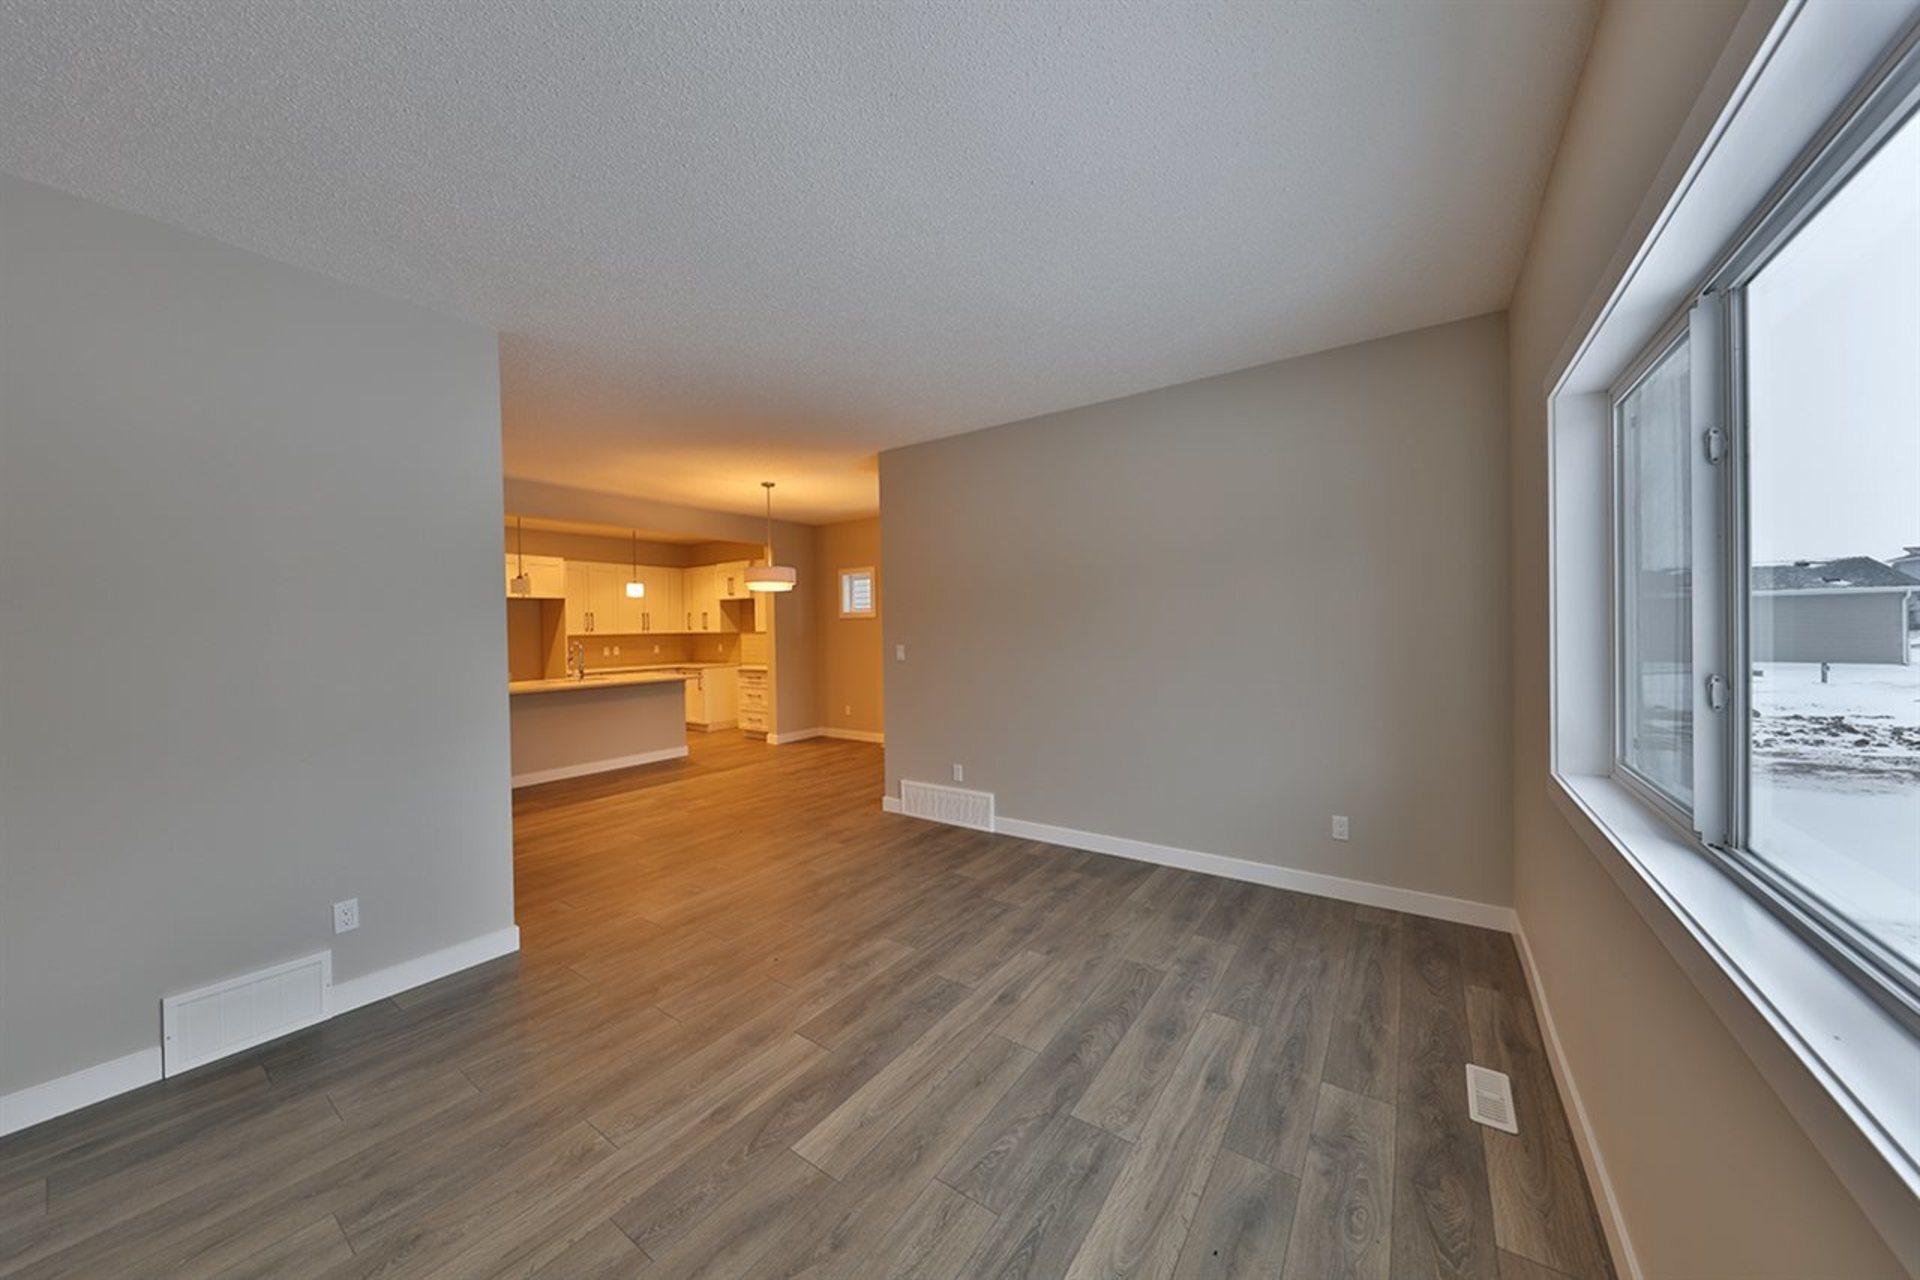 18119-76-street-crystallina-nera-west-edmonton-08 at 18119 76 Street, Crystallina Nera West, Edmonton